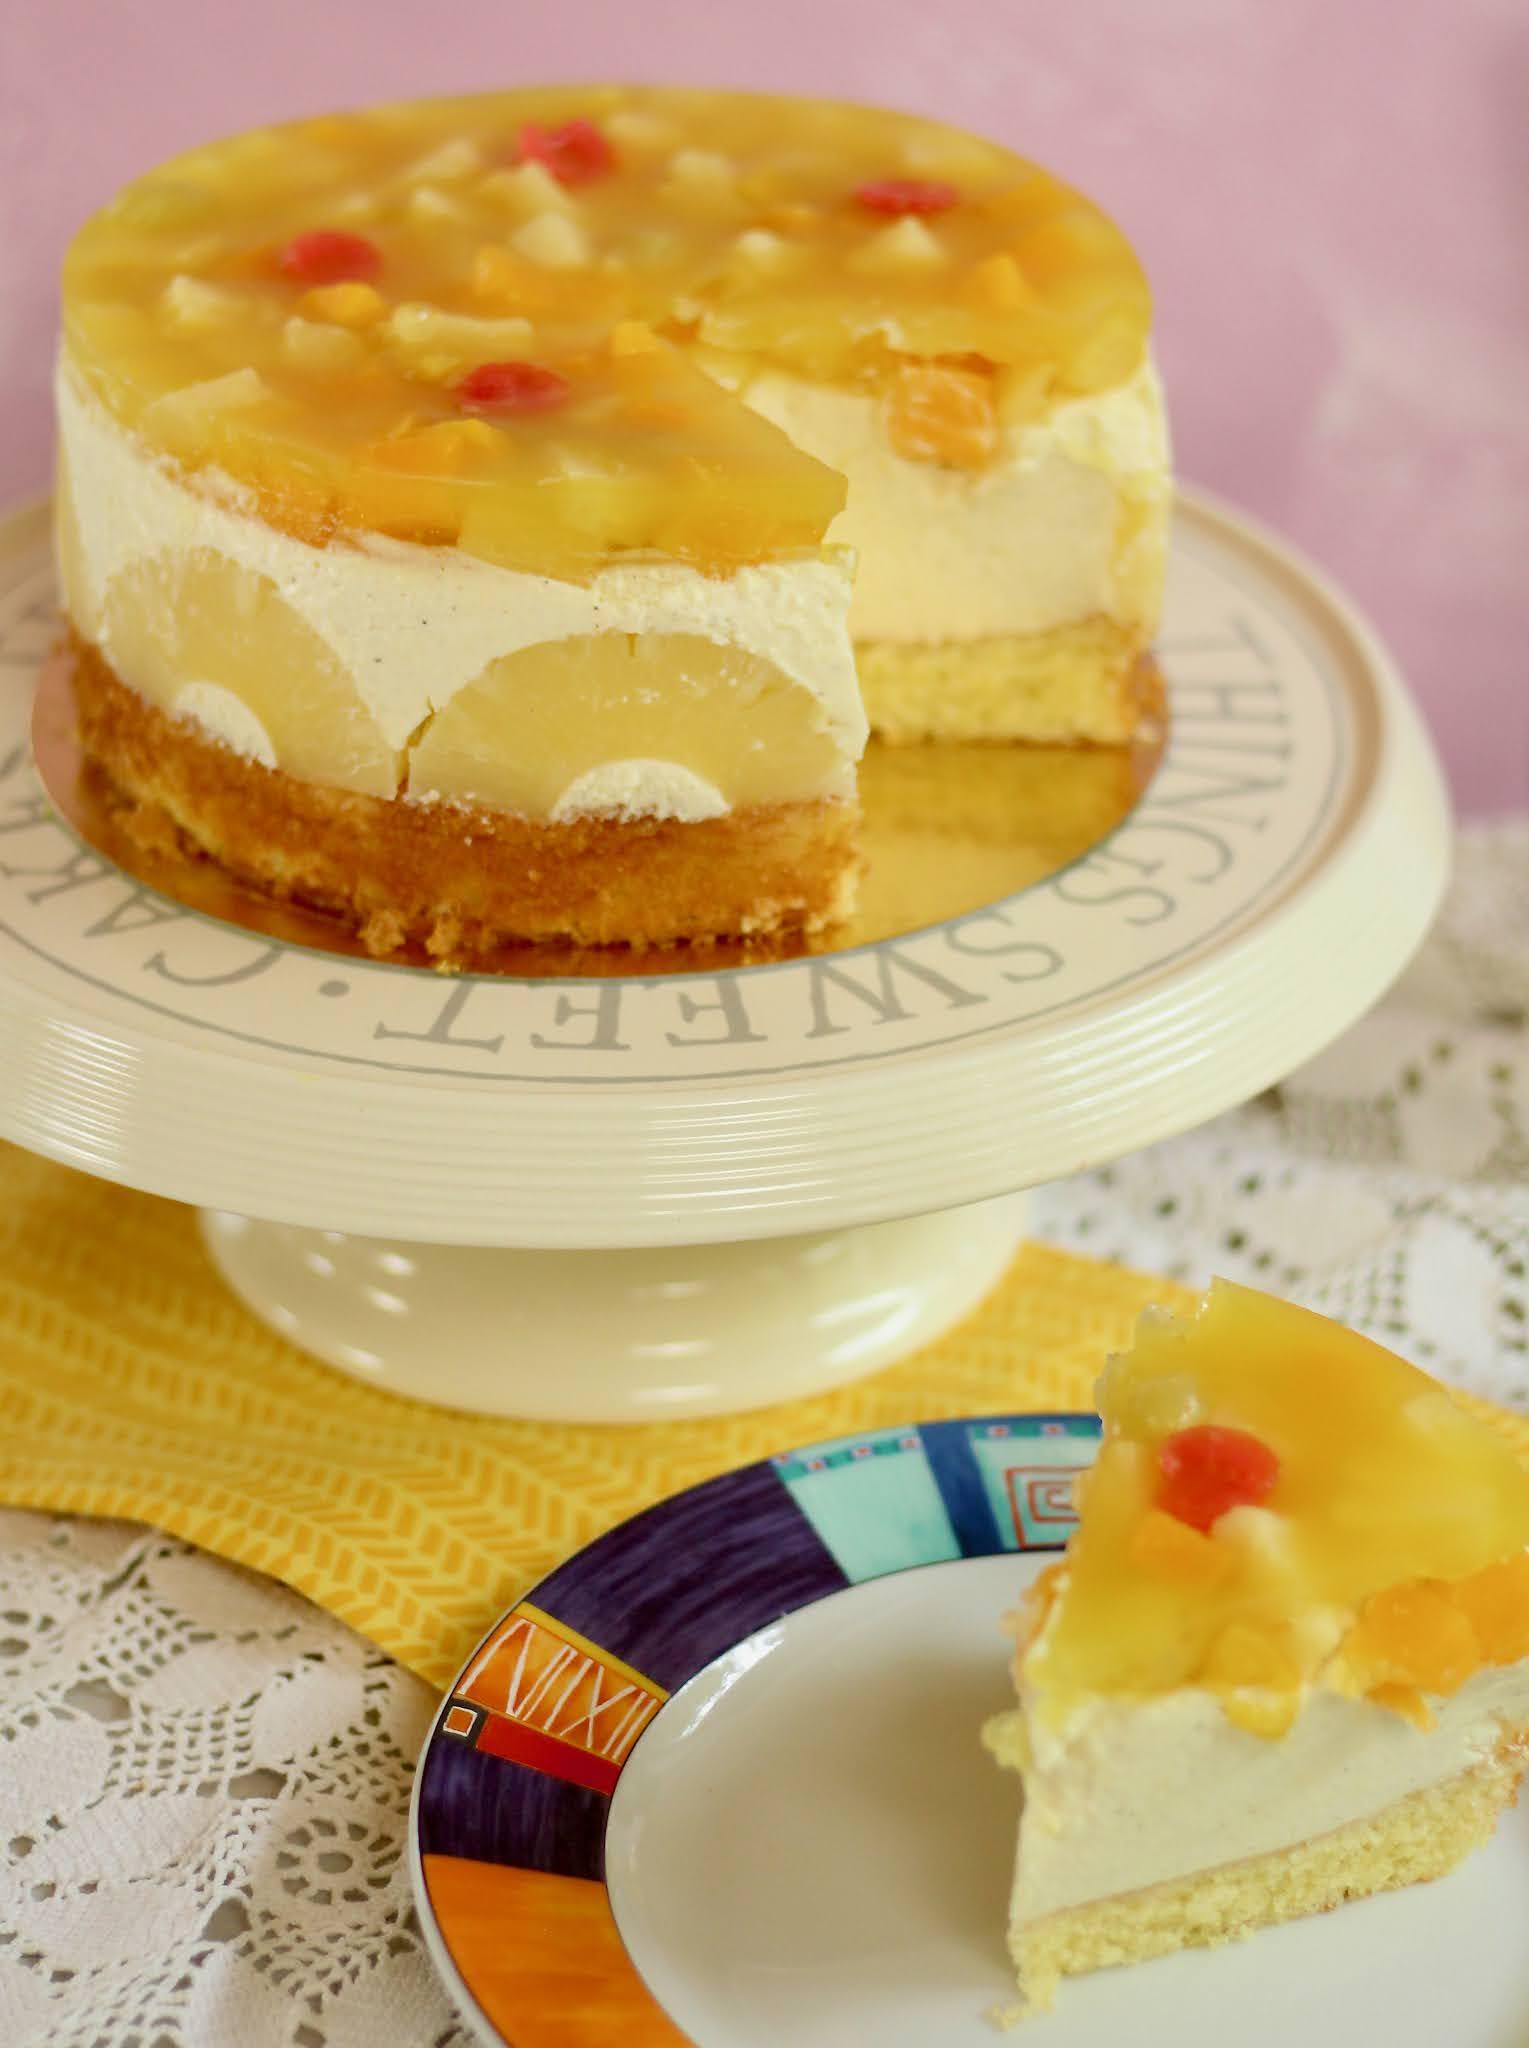 🍍Fruchtige Ananas-Hawaii-Torte mit dem BESTEN Obstboden, den ich kenne! 🍍| Rezept und Video von Sugarprincess